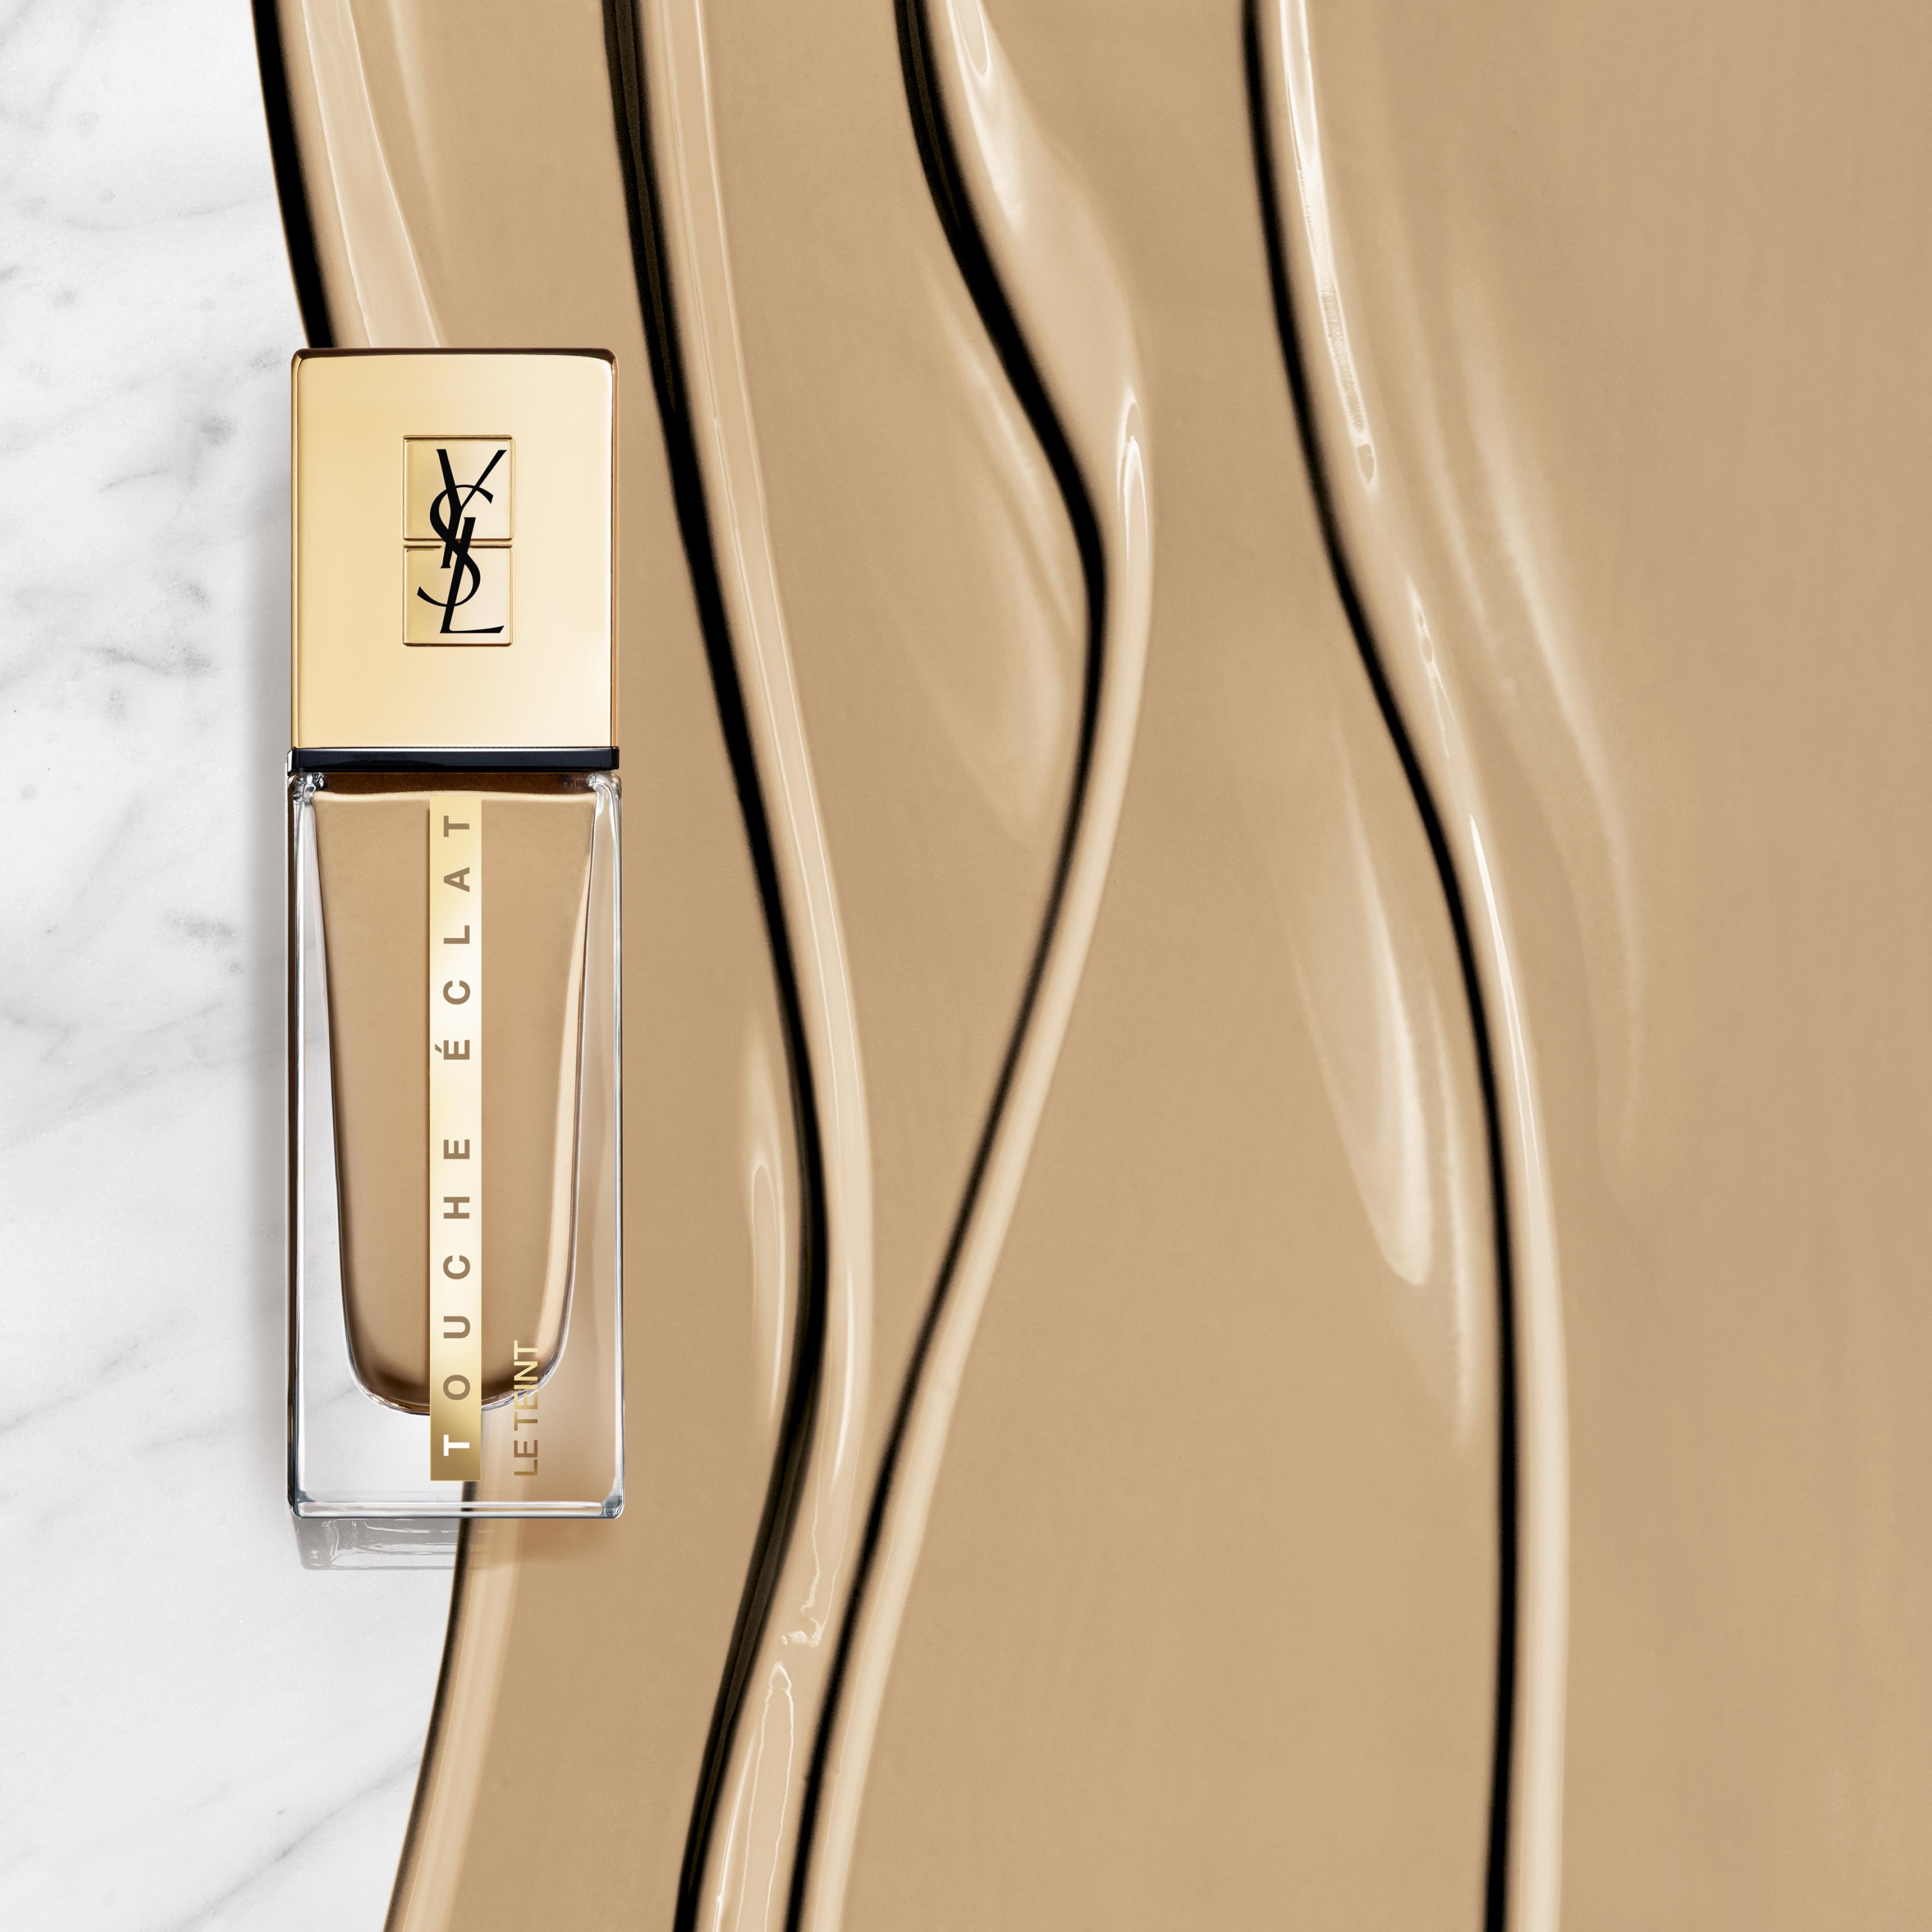 Yves Saint Laurent Le Teint Touche Eclat Foundation, B45